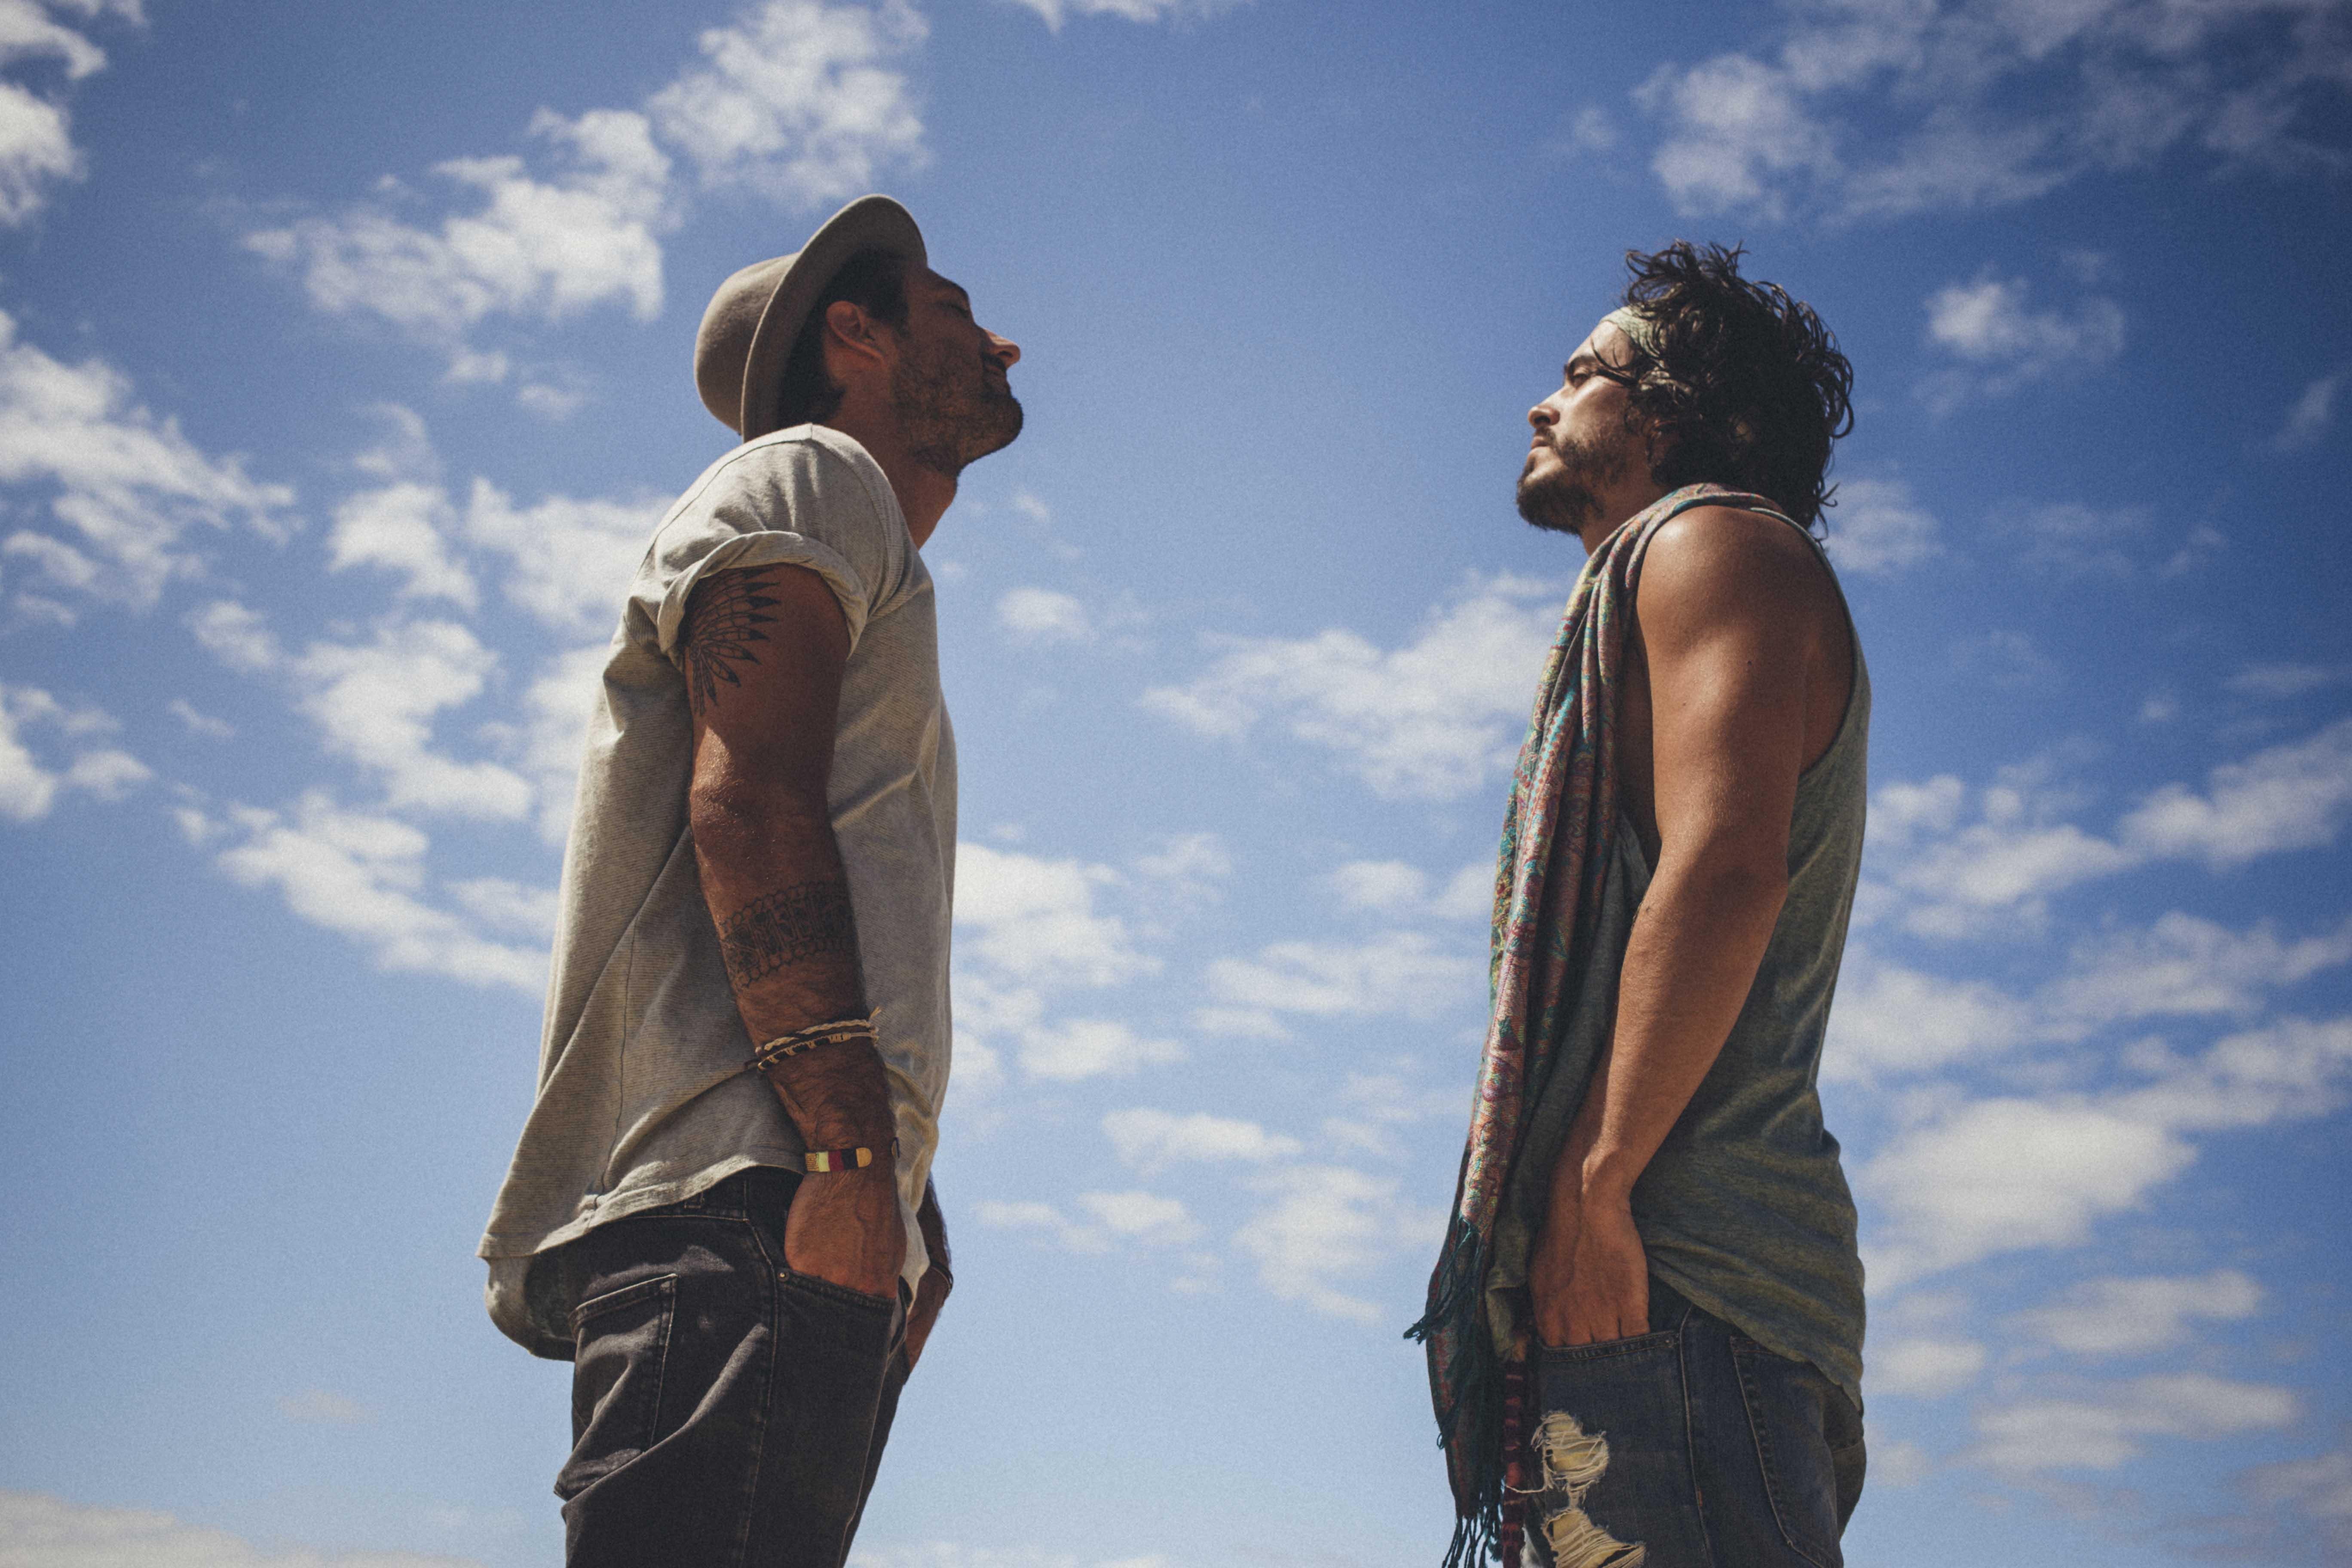 Après deux albums et autant de succès, le duo a décidé de suivre chacun sa route.